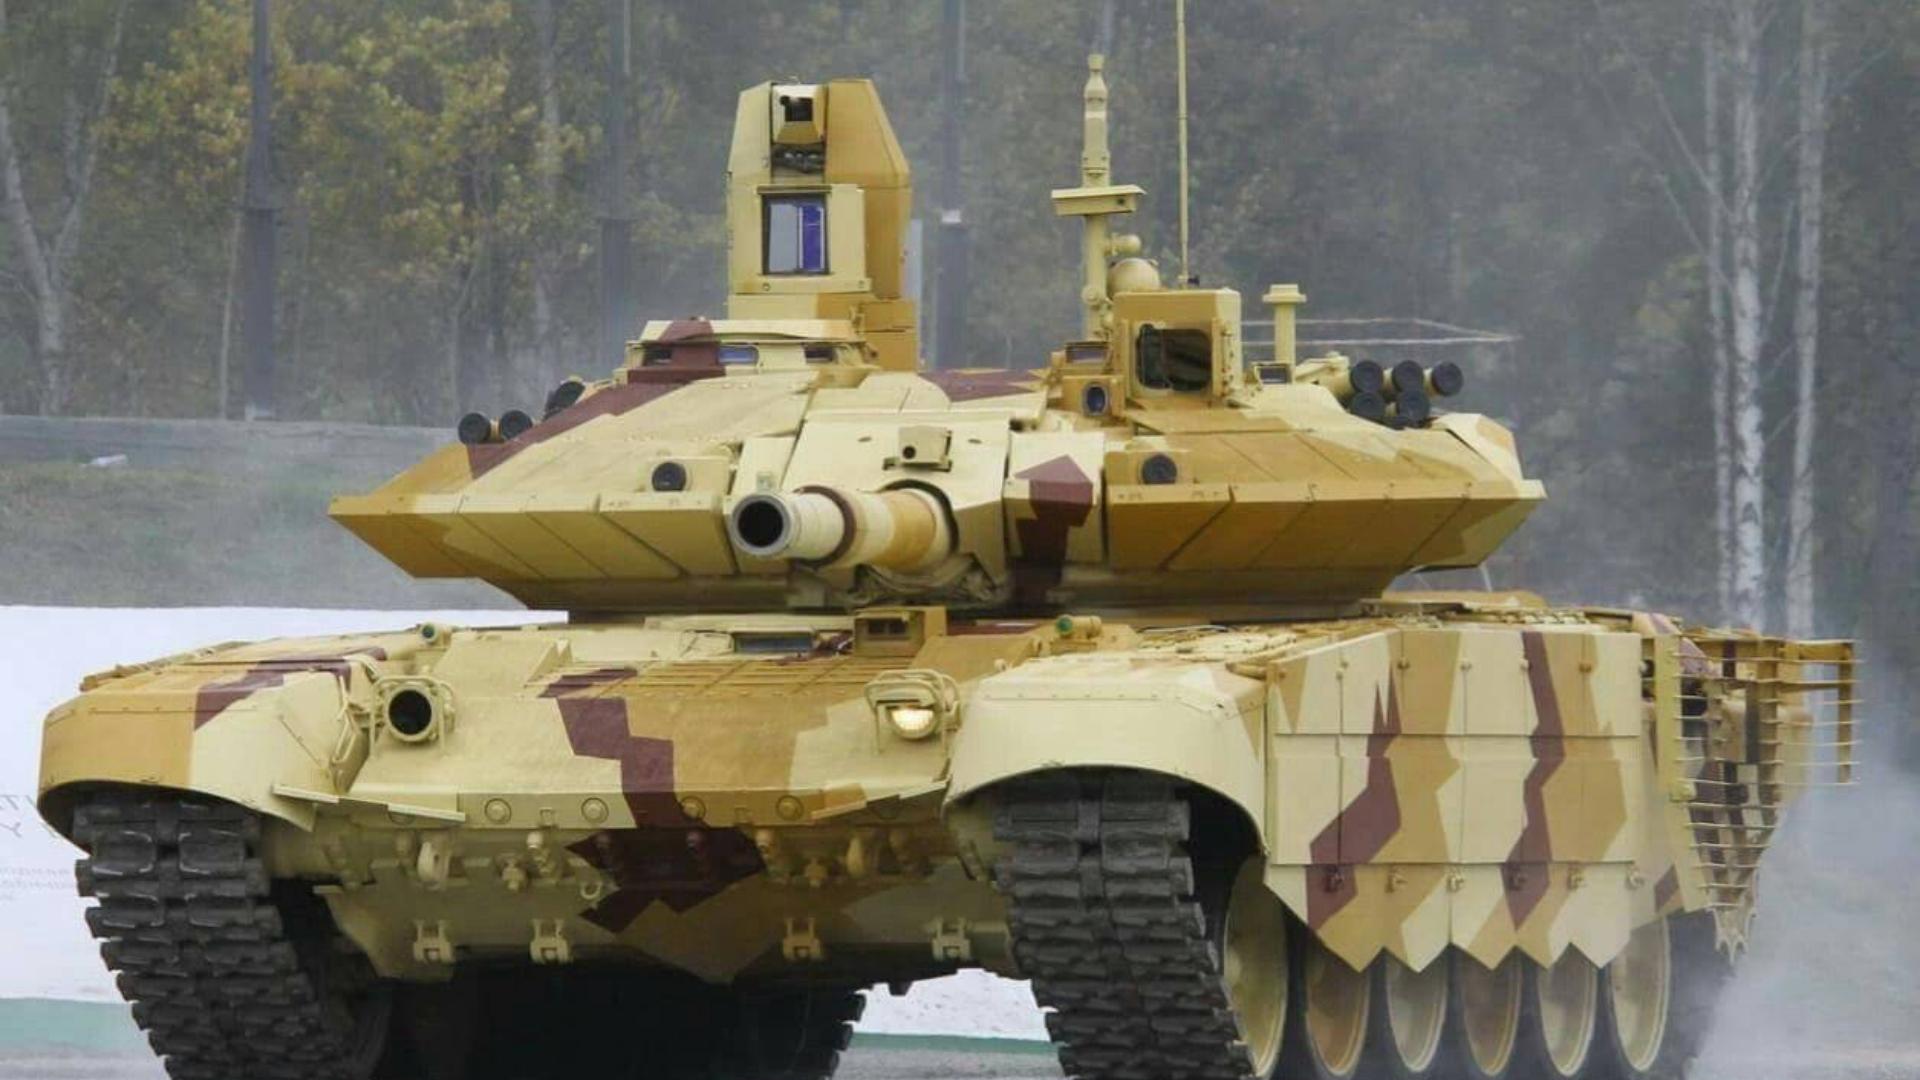 中国15式轻坦最大对手!印度豪购464辆T-90MS坦克:高原决战鹿死谁手?